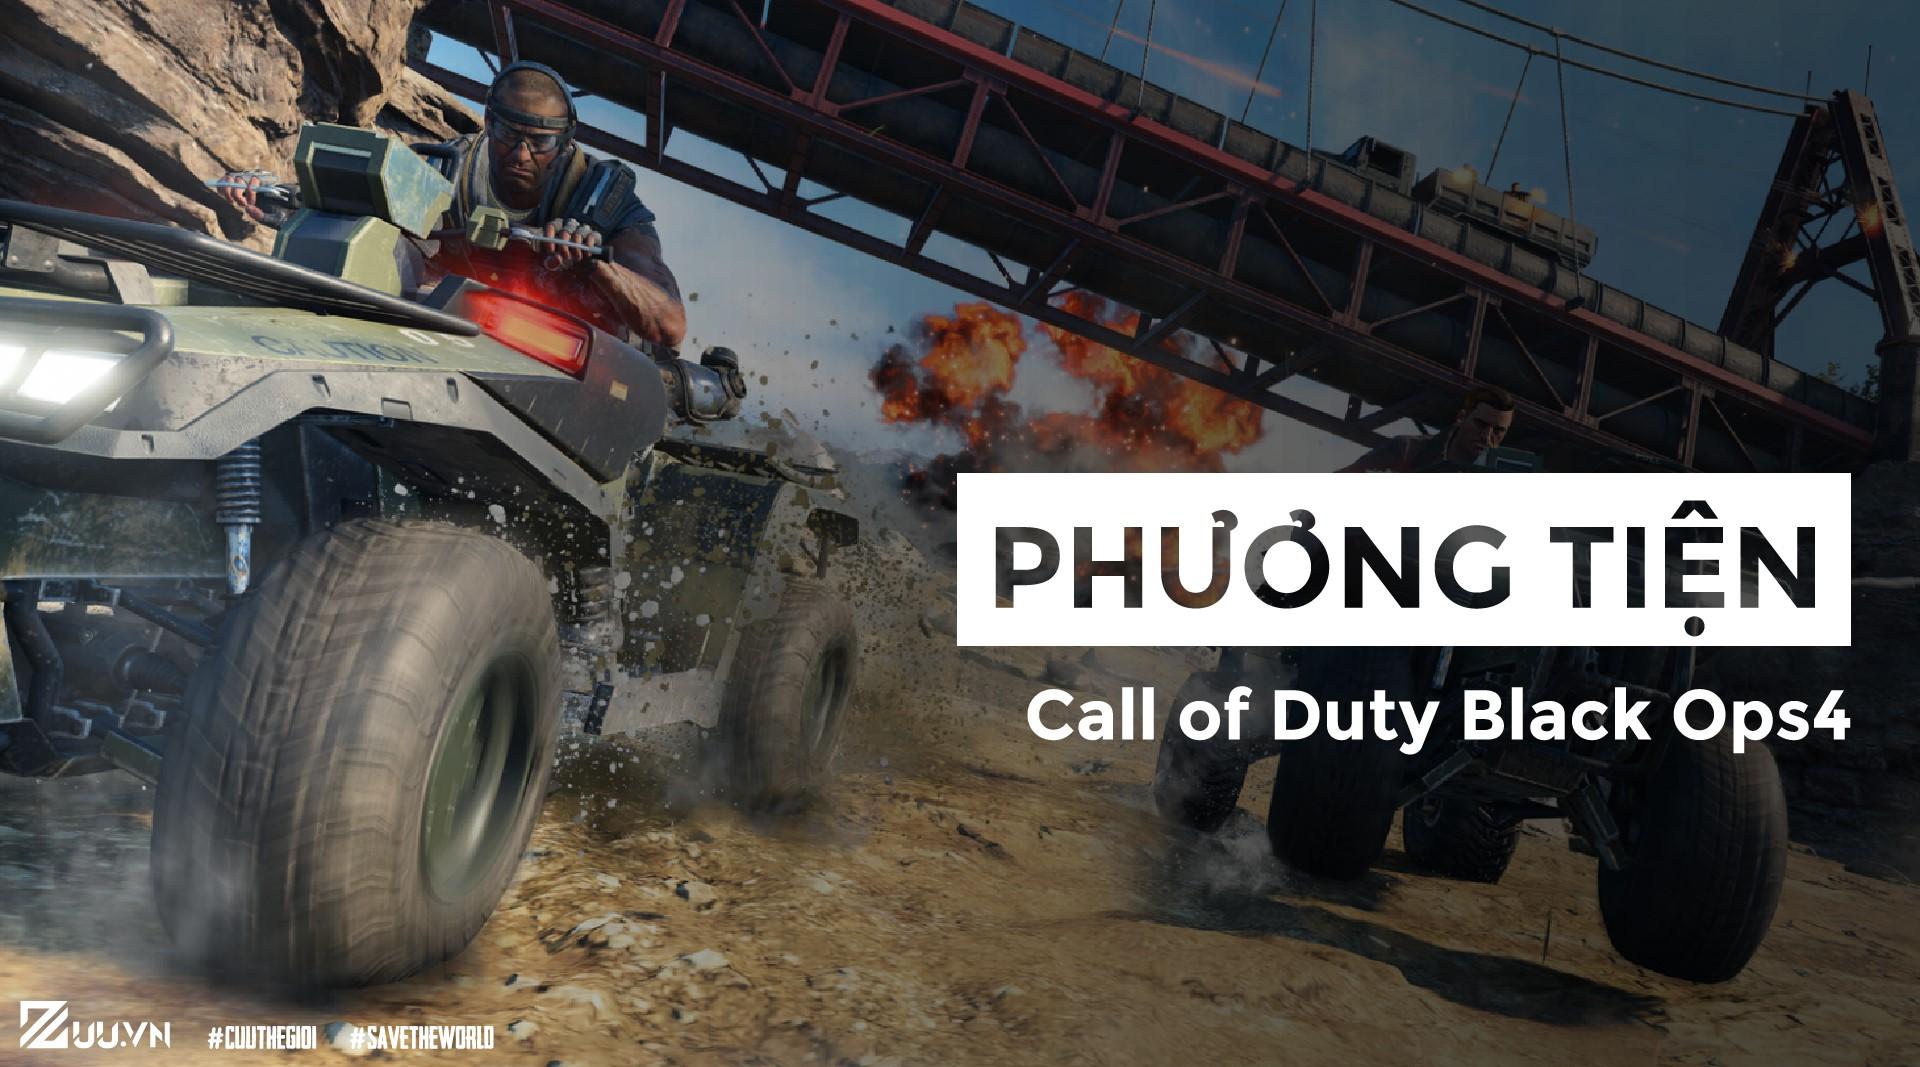 Call of Duty Black Ops 4: Các loại phương tiện